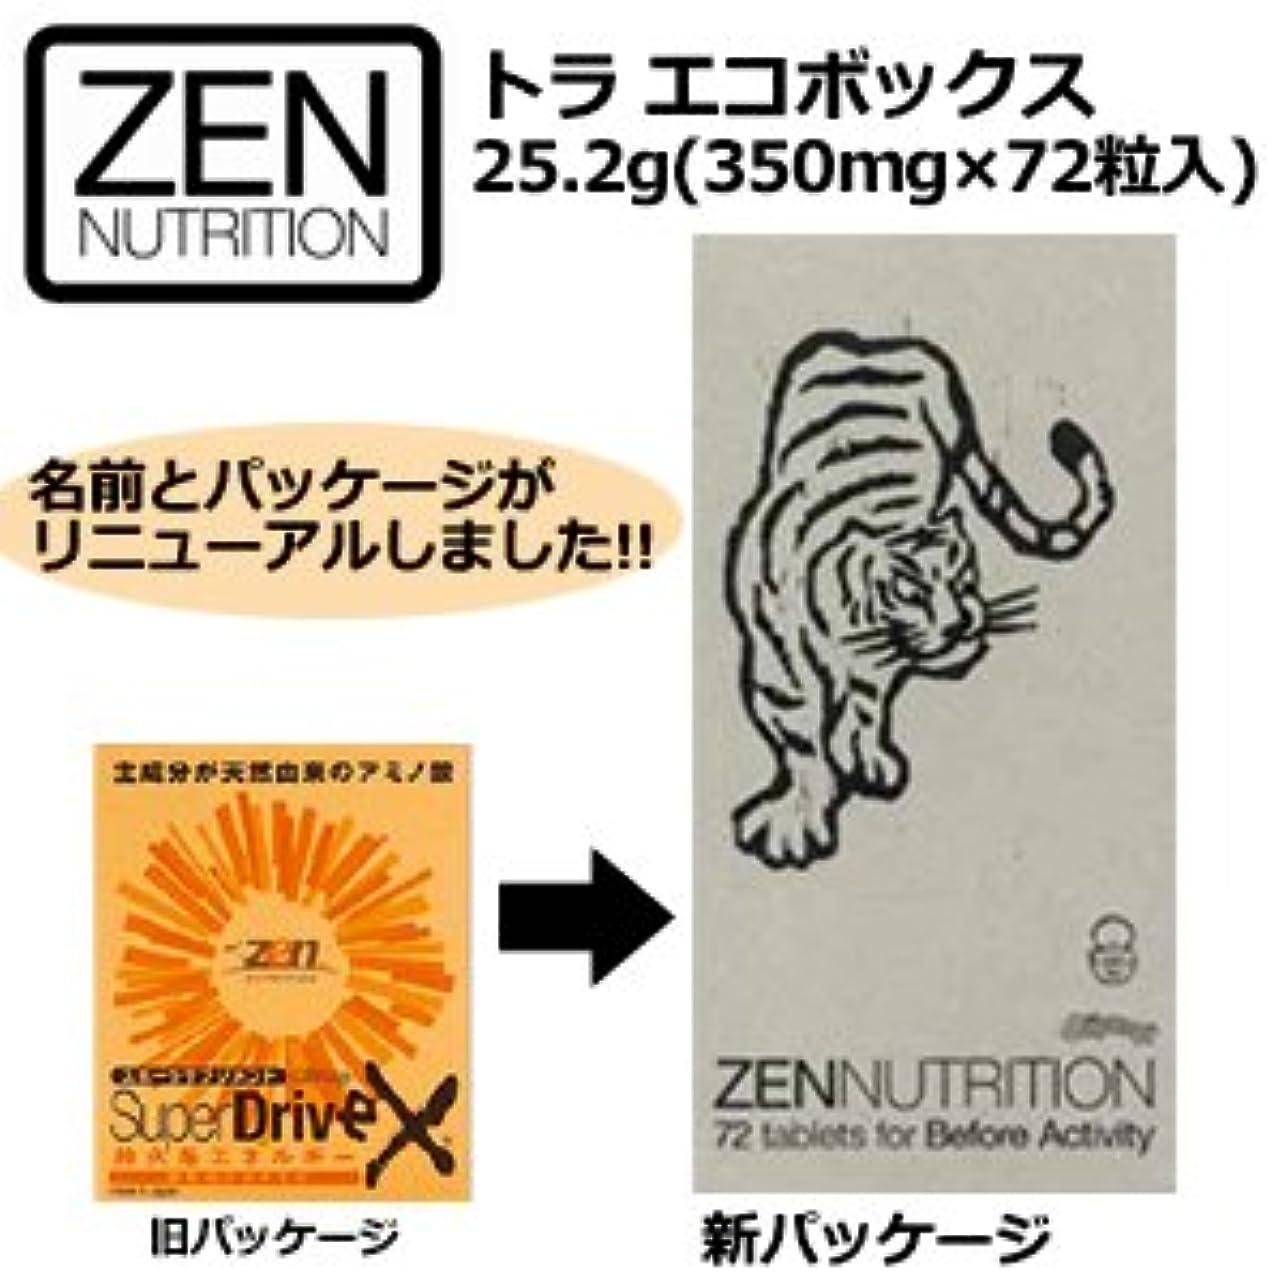 一月インド完了ZEN ゼン SUPER DRIVE スーパードライブEX 虎 とら サプリメント アミノ酸●トラ エコボックス 25.2g